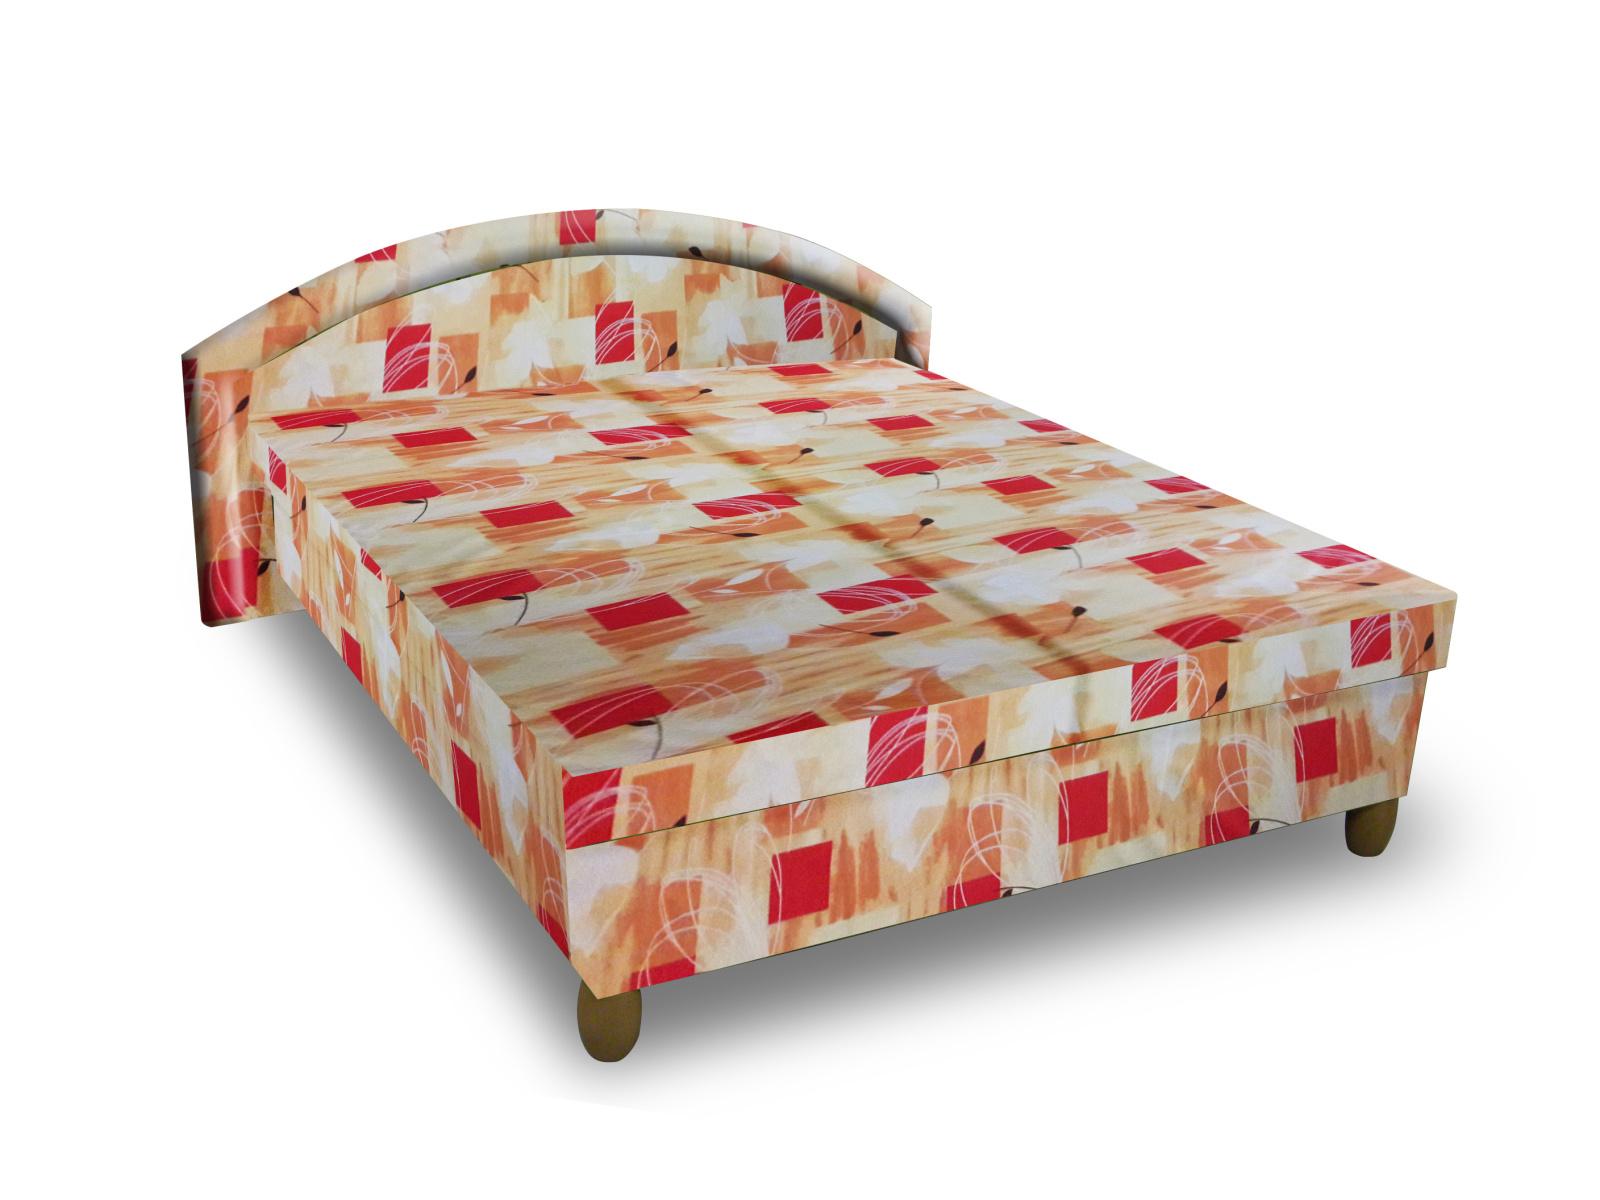 Smartshop Čalouněná postel MAGDA 120x200 cm, oranžová látka